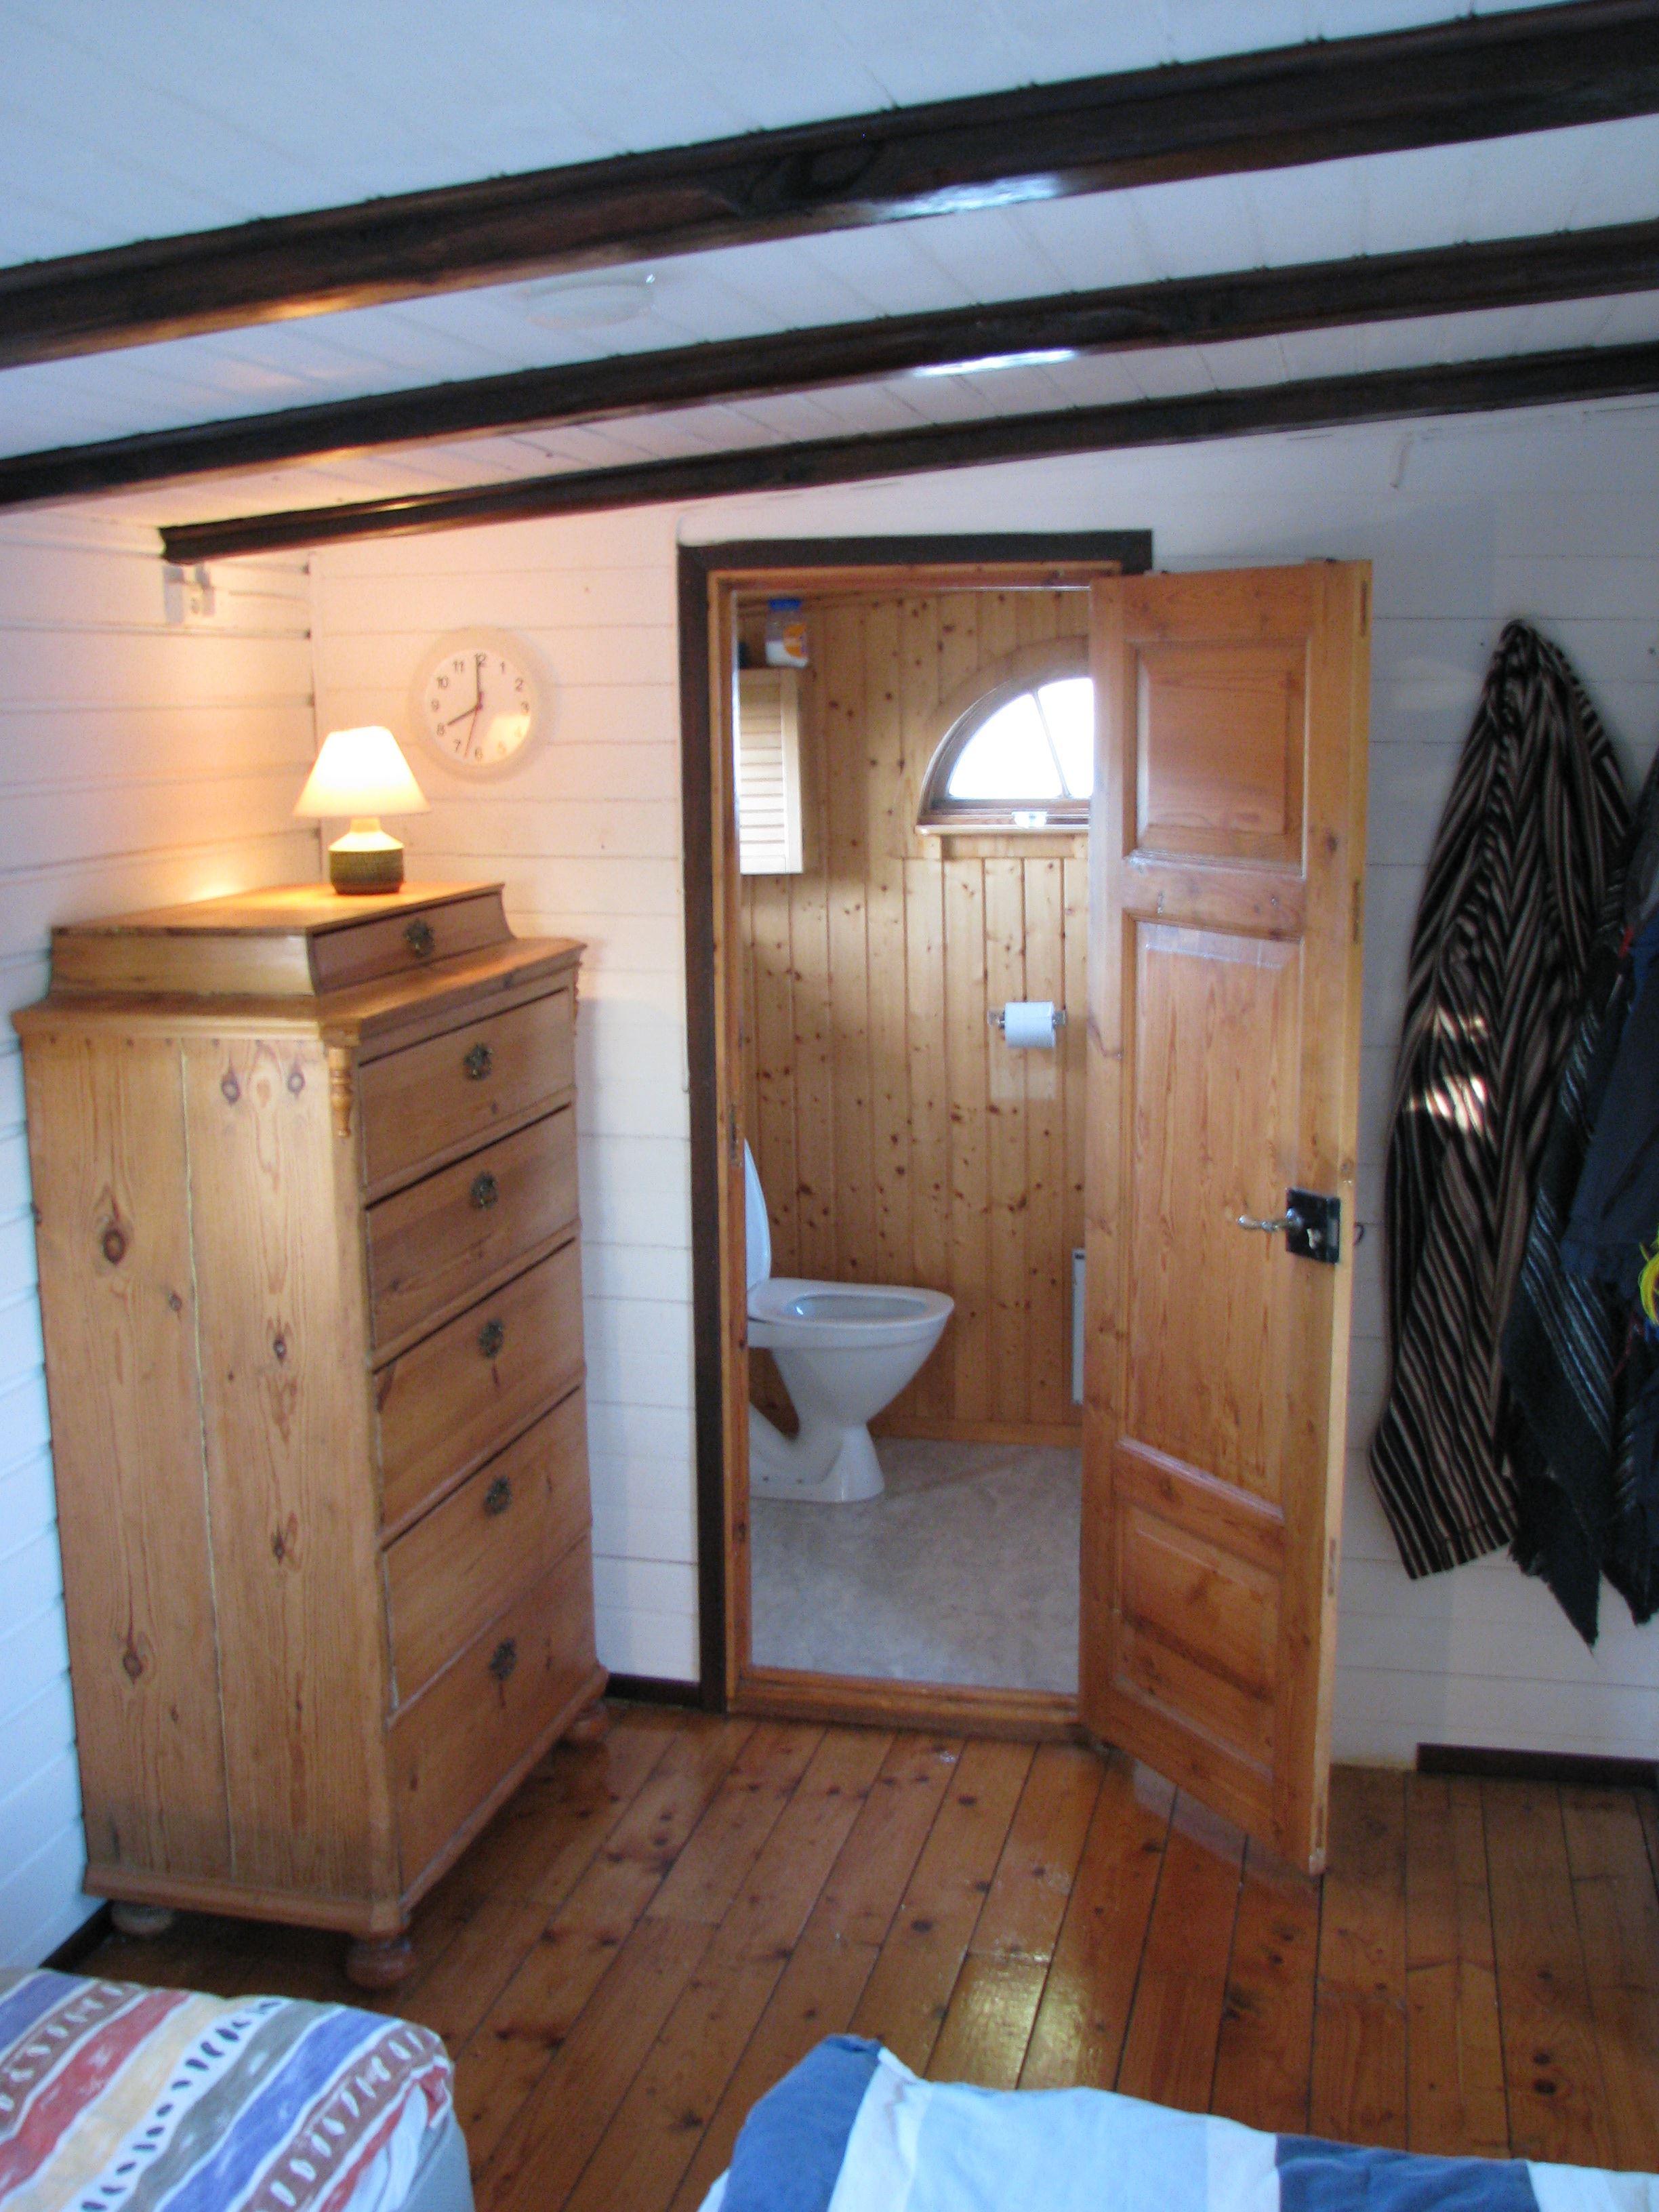 Cottage with 6 beds - Sandviken